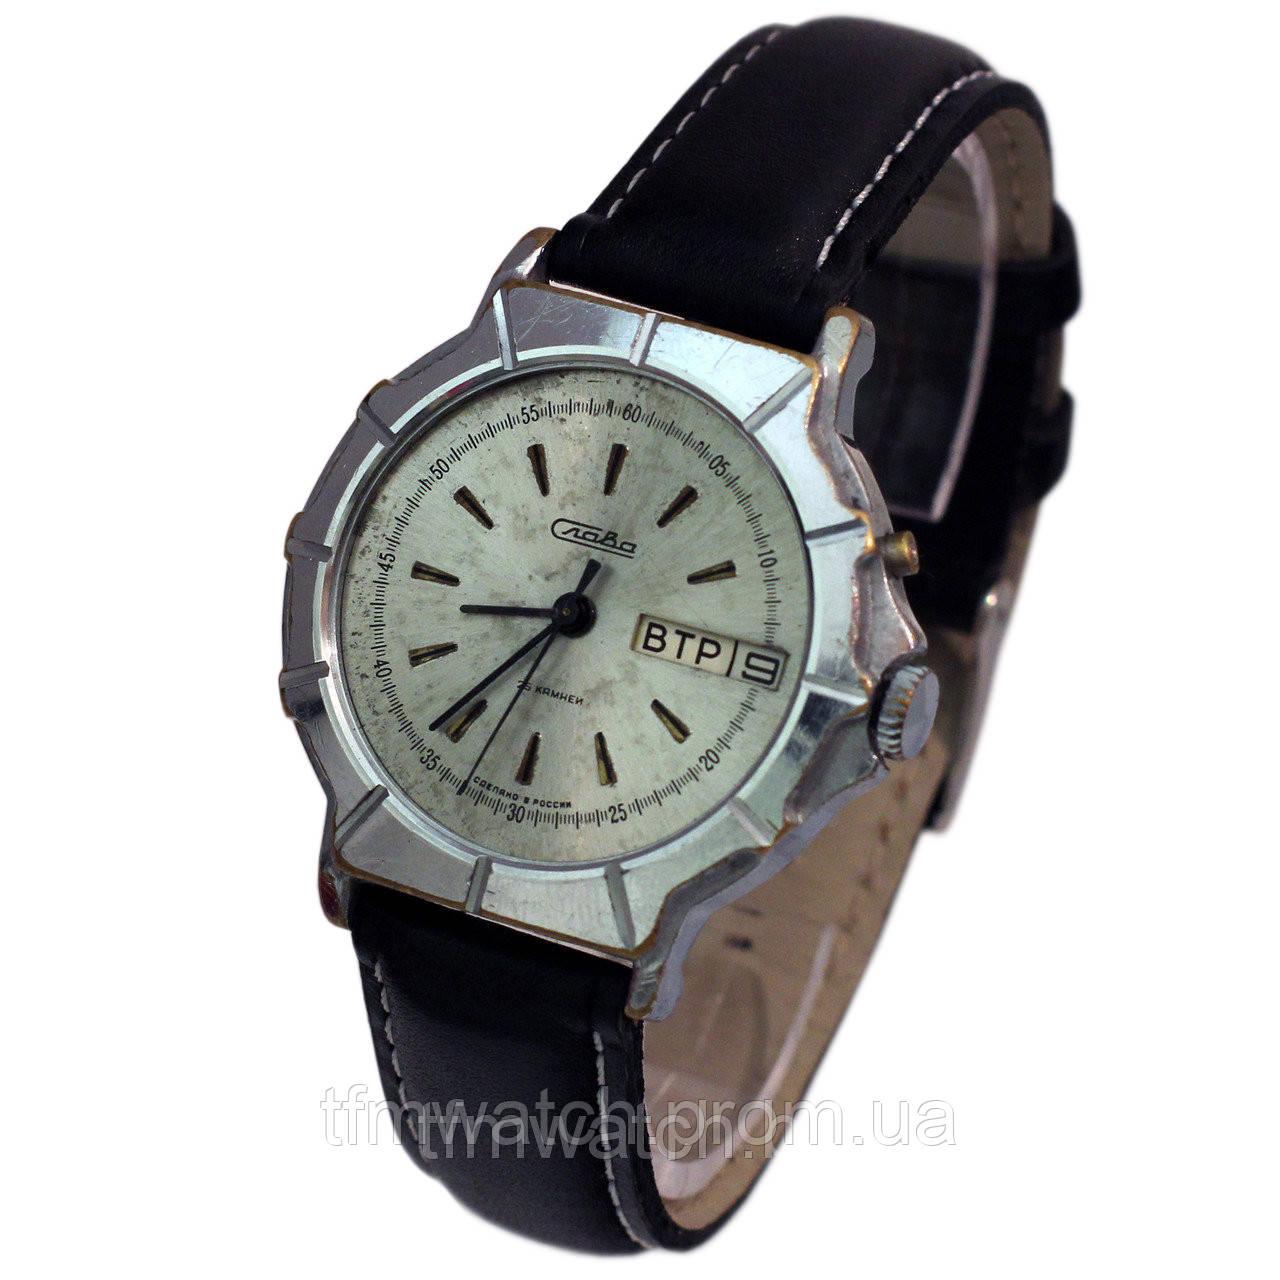 Наручные мужские часы слава 25 камней часы renault sport купить